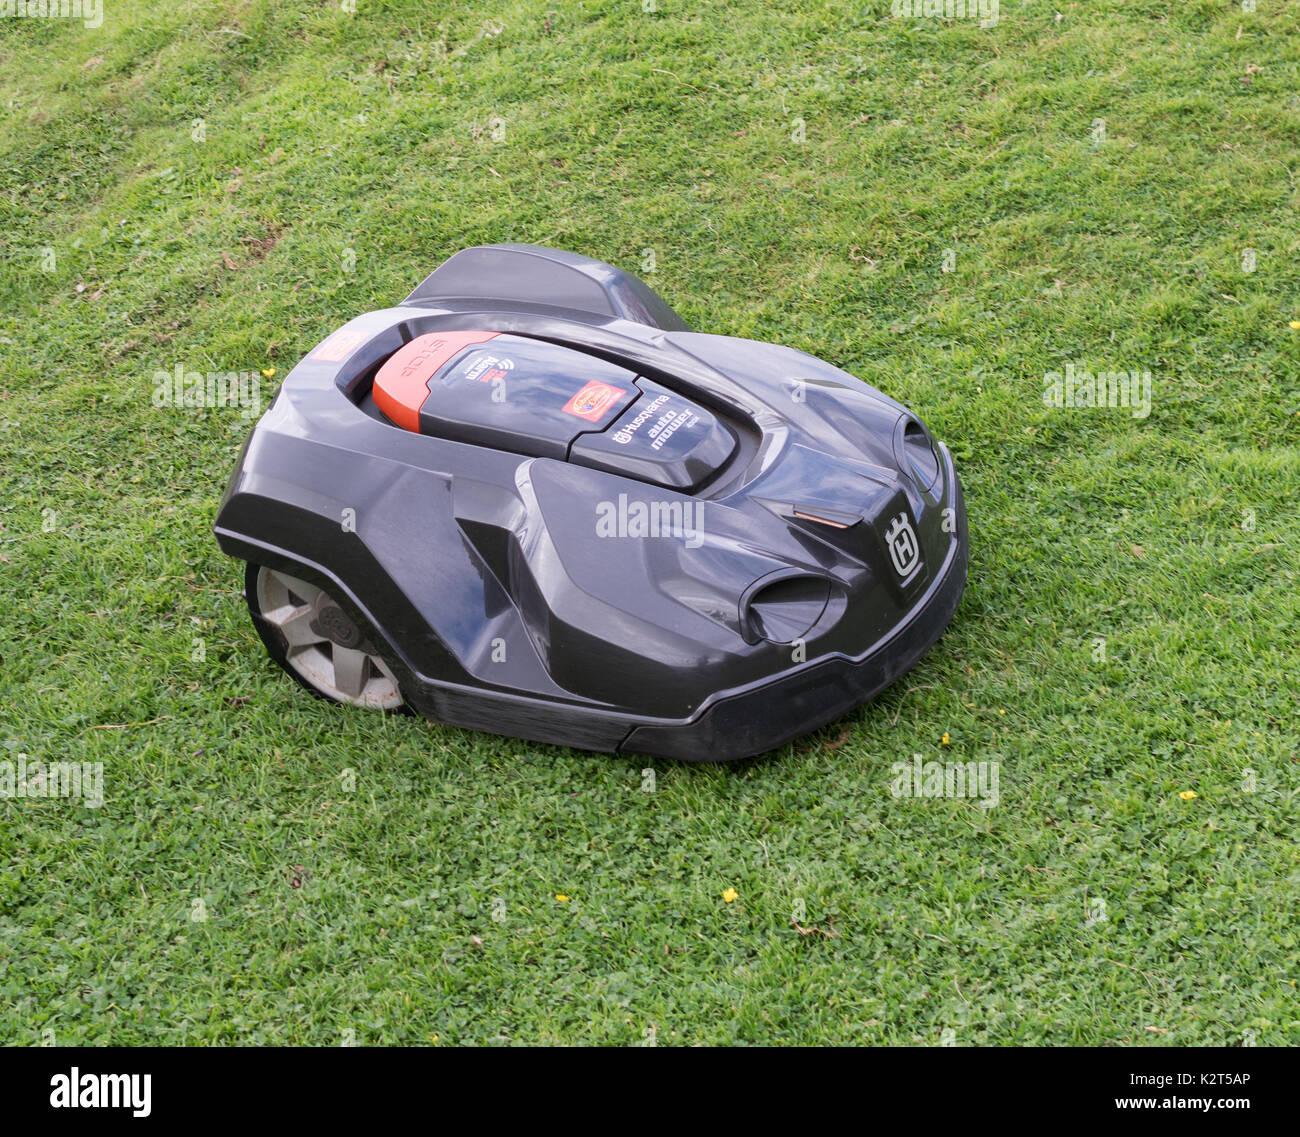 husqvarna automower oder roboter rasenmäher, schneiden von gras